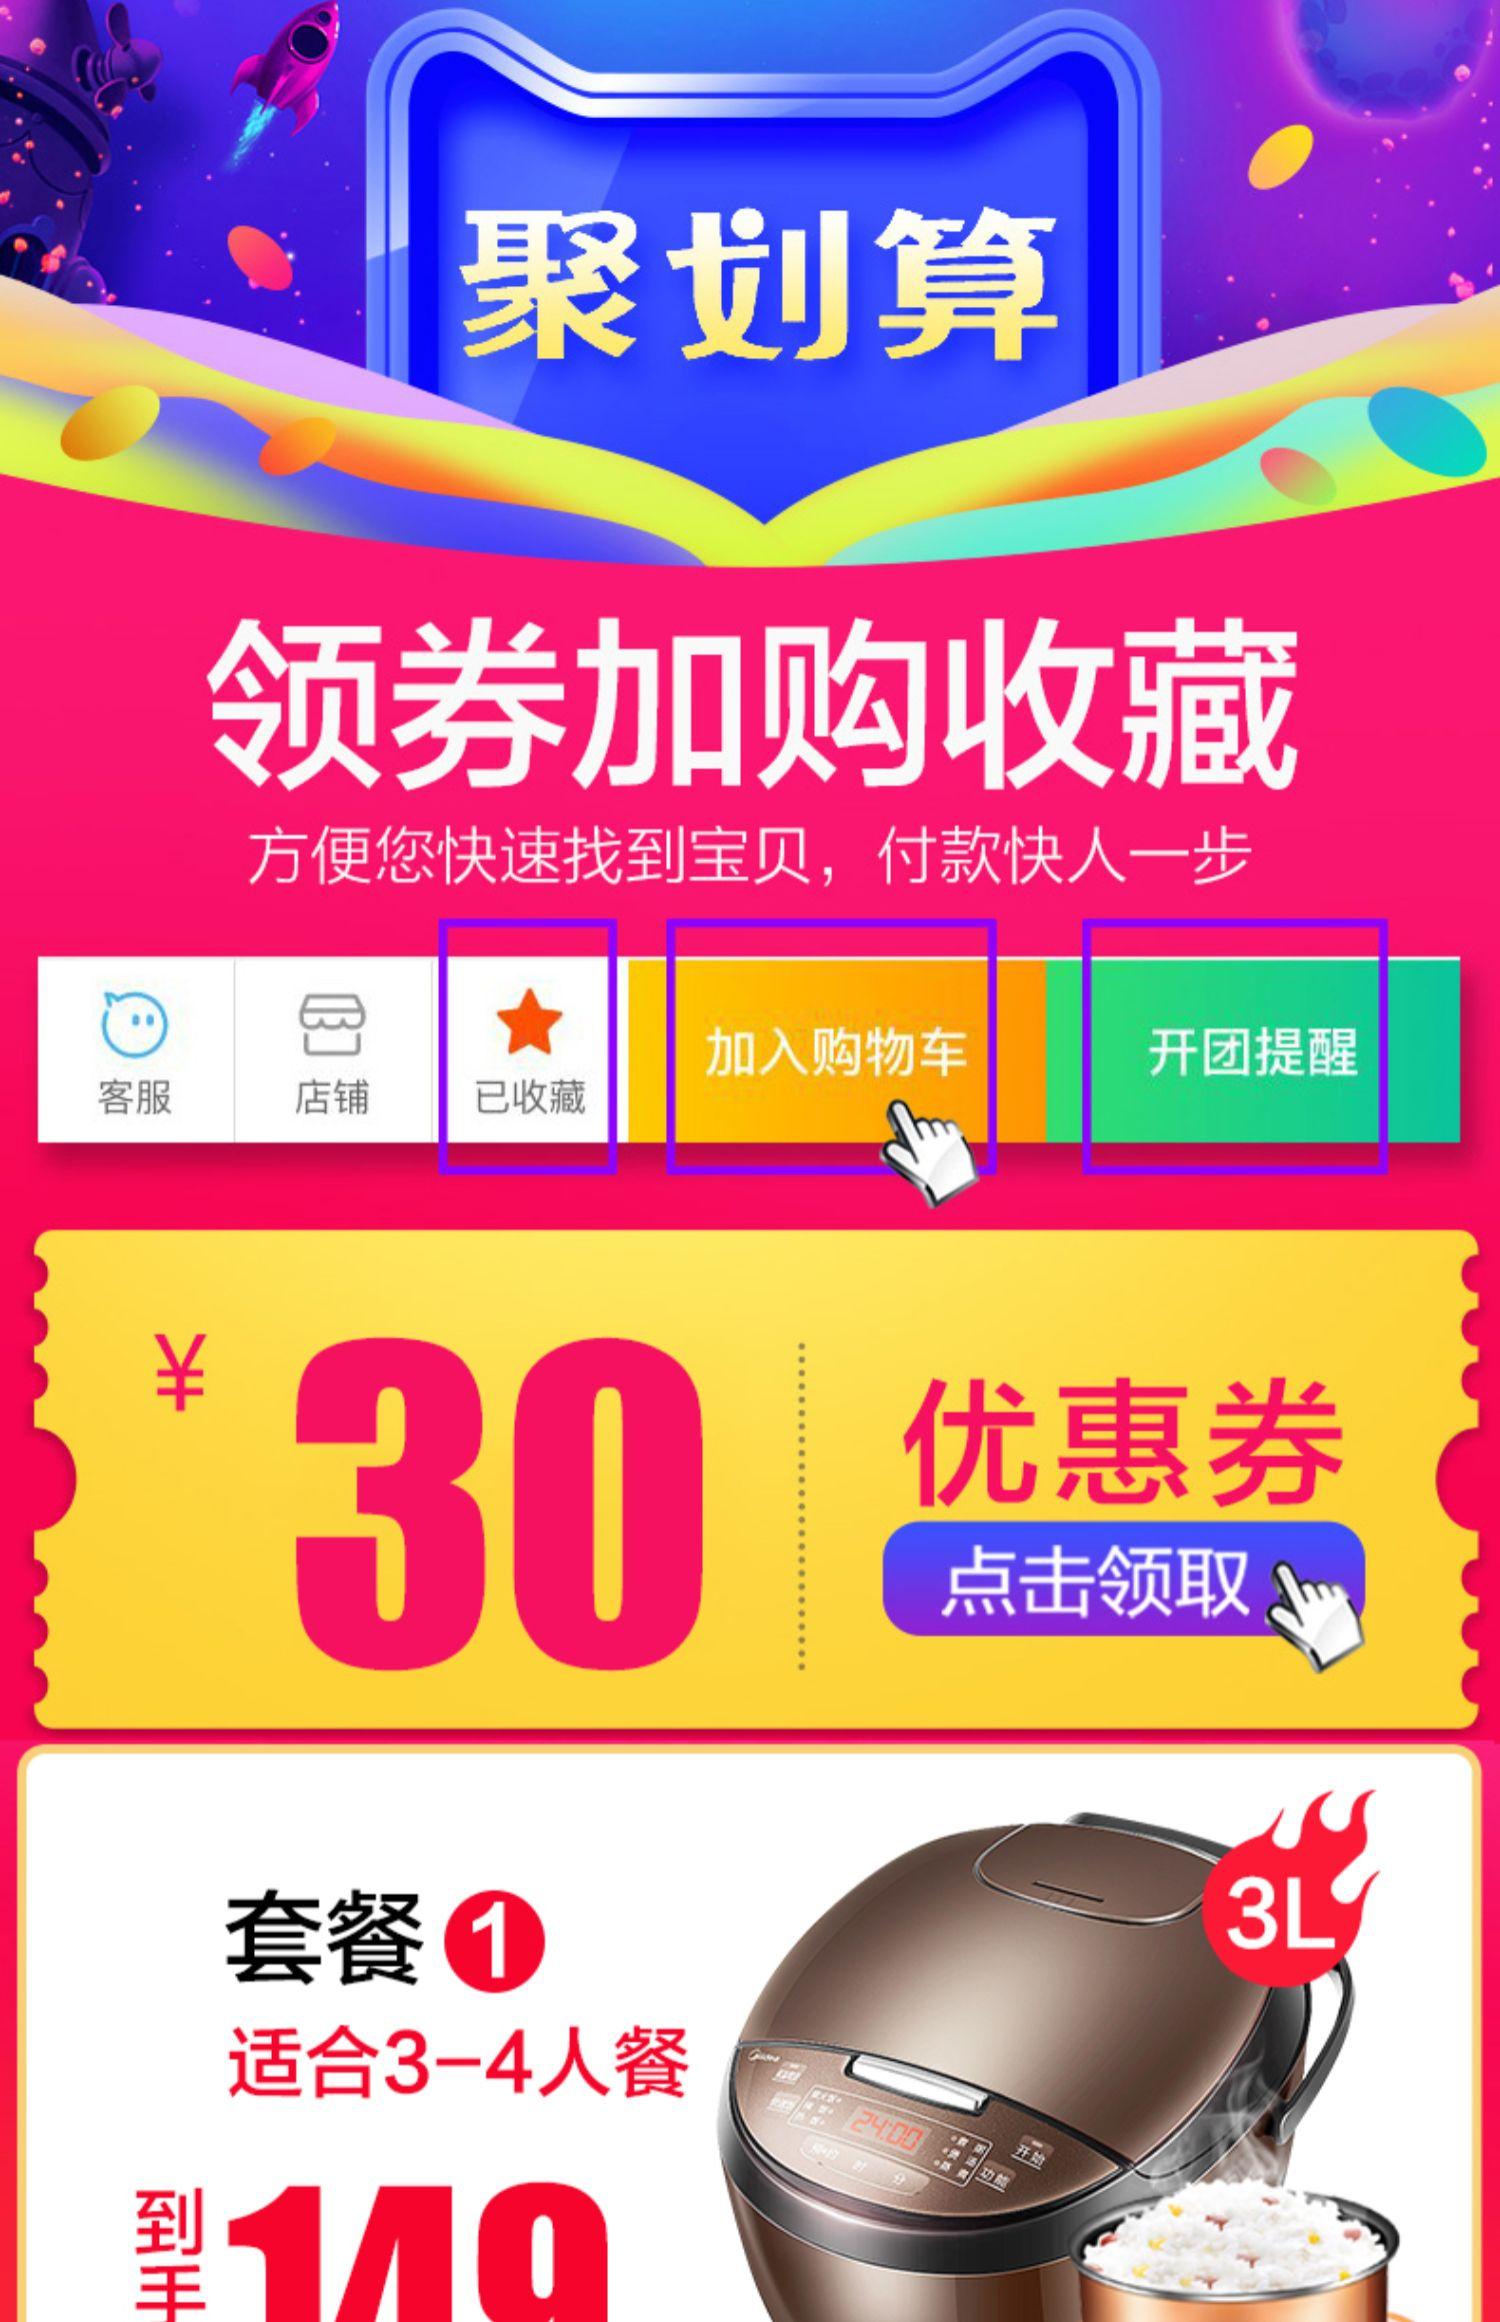 美的电饭煲家用4L蒸饭锅迷你小型1-2人3智能多功能官方旗舰店正品商品详情图